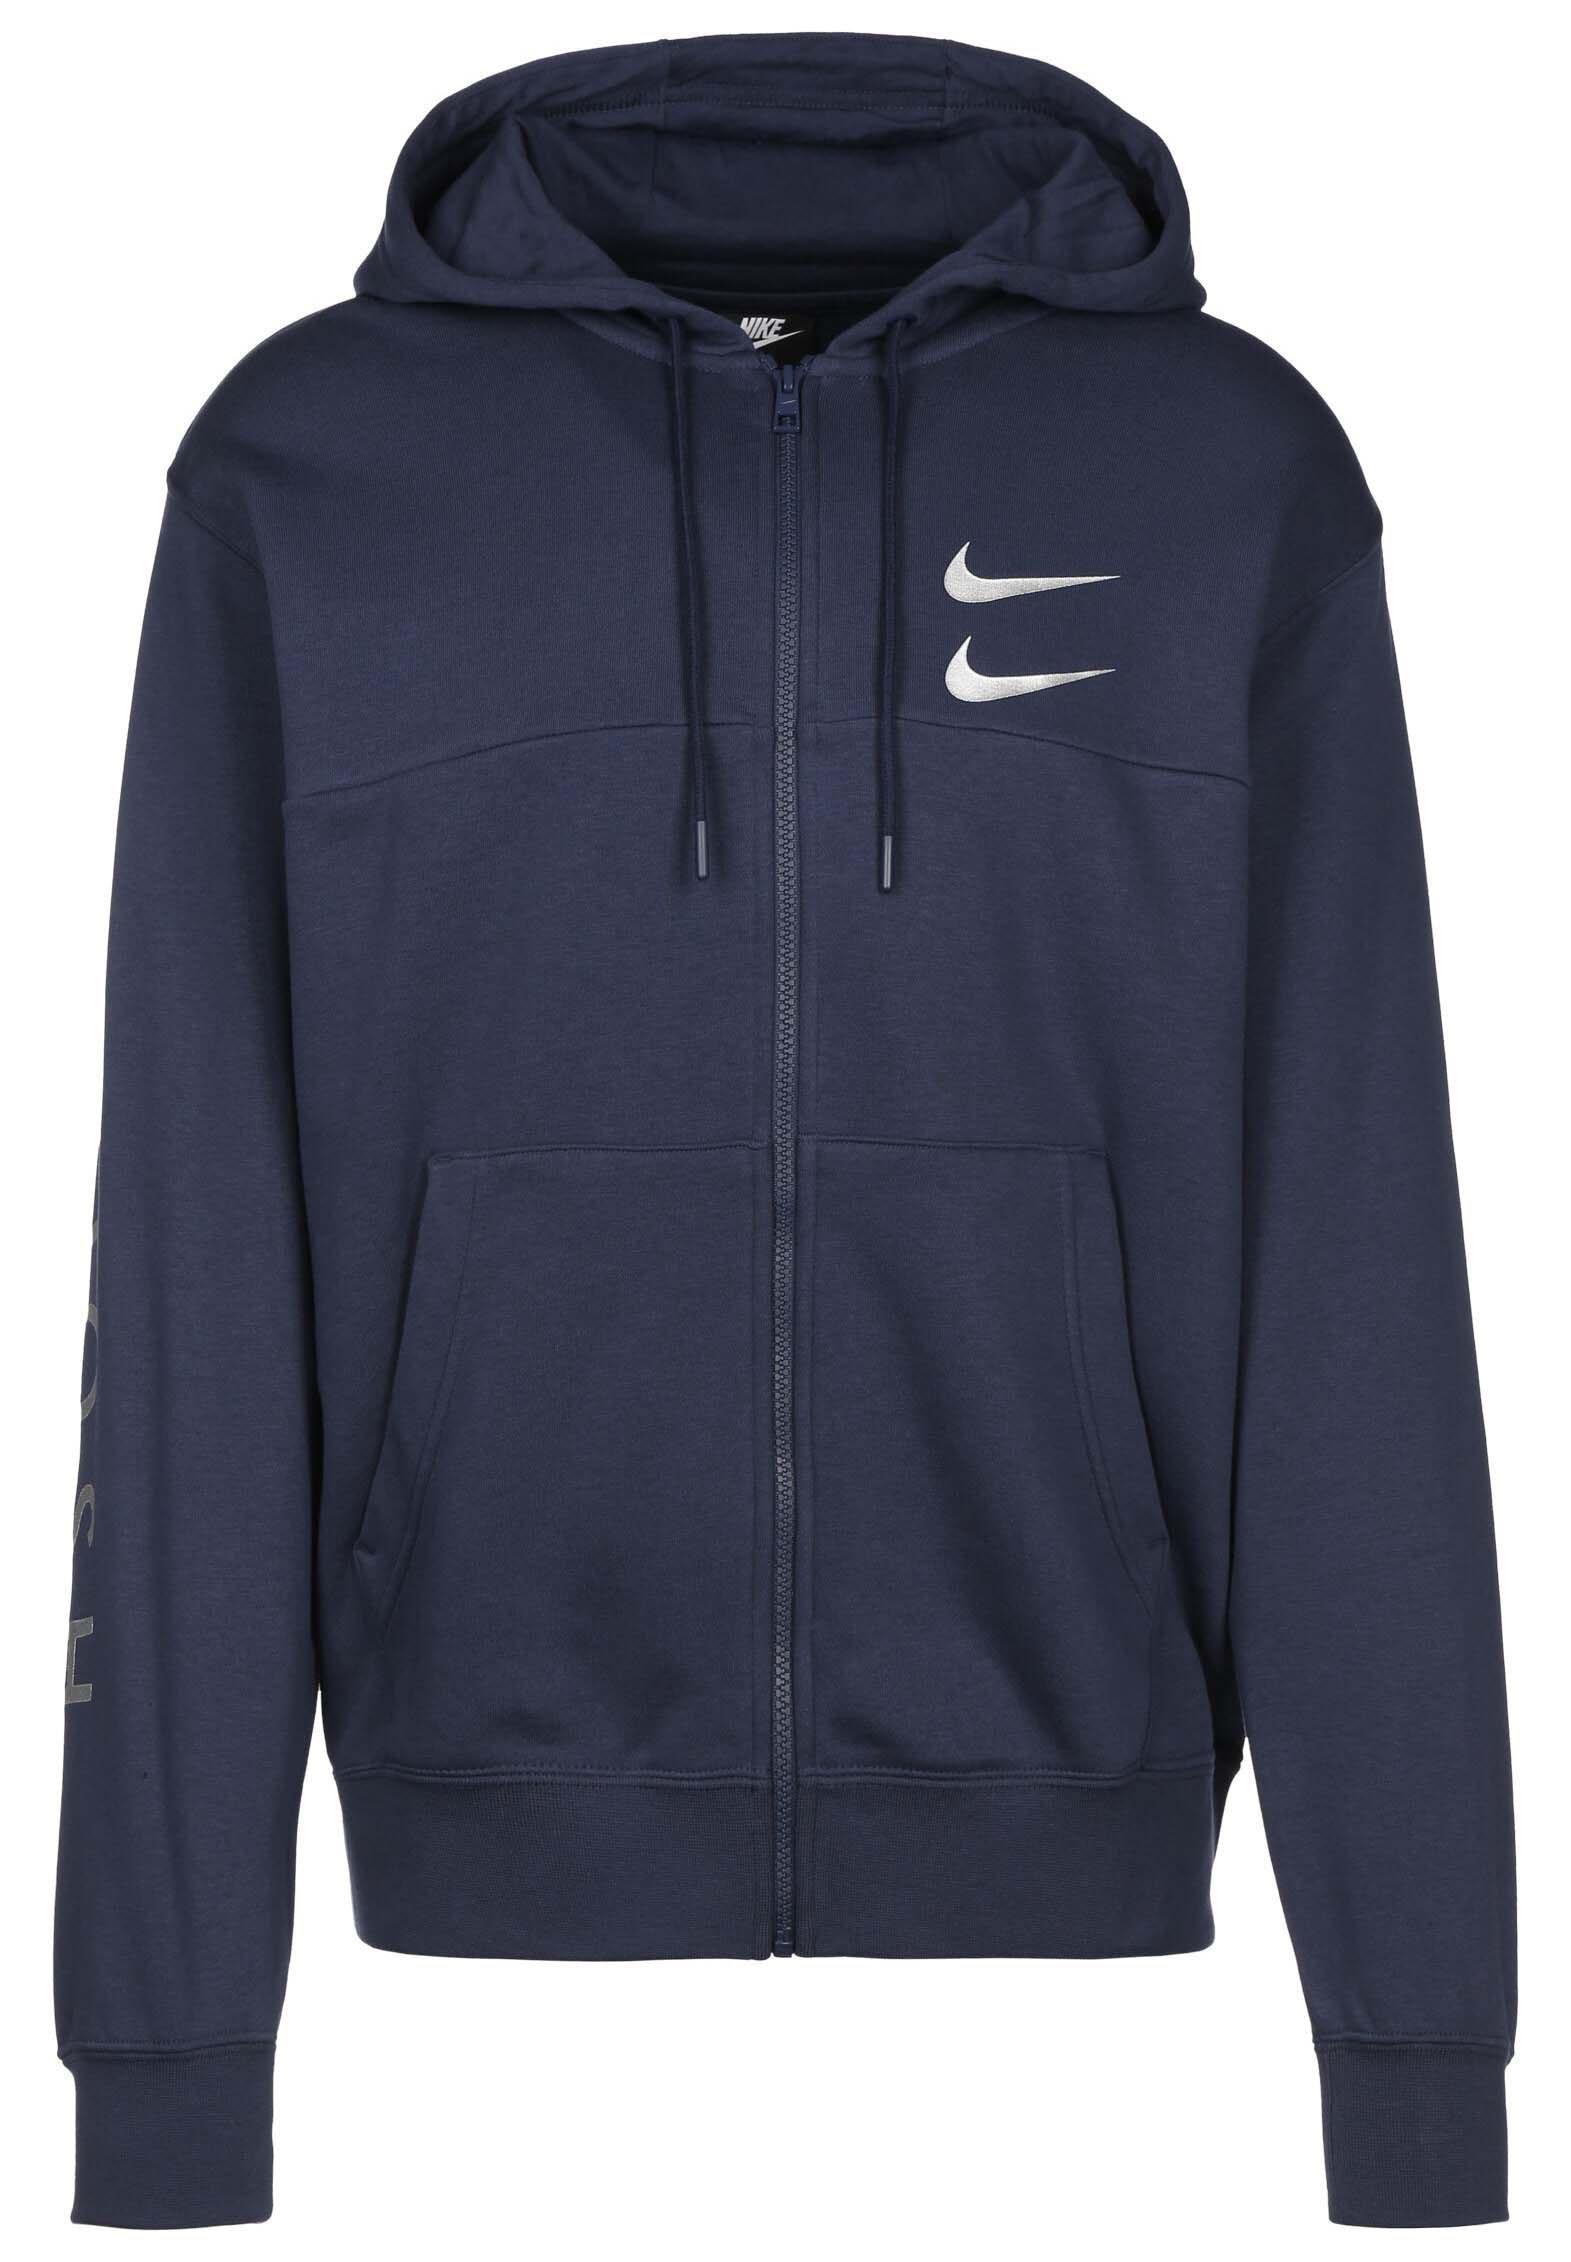 Sudaderas Nike de hombre | Comprar colección online en Zalando